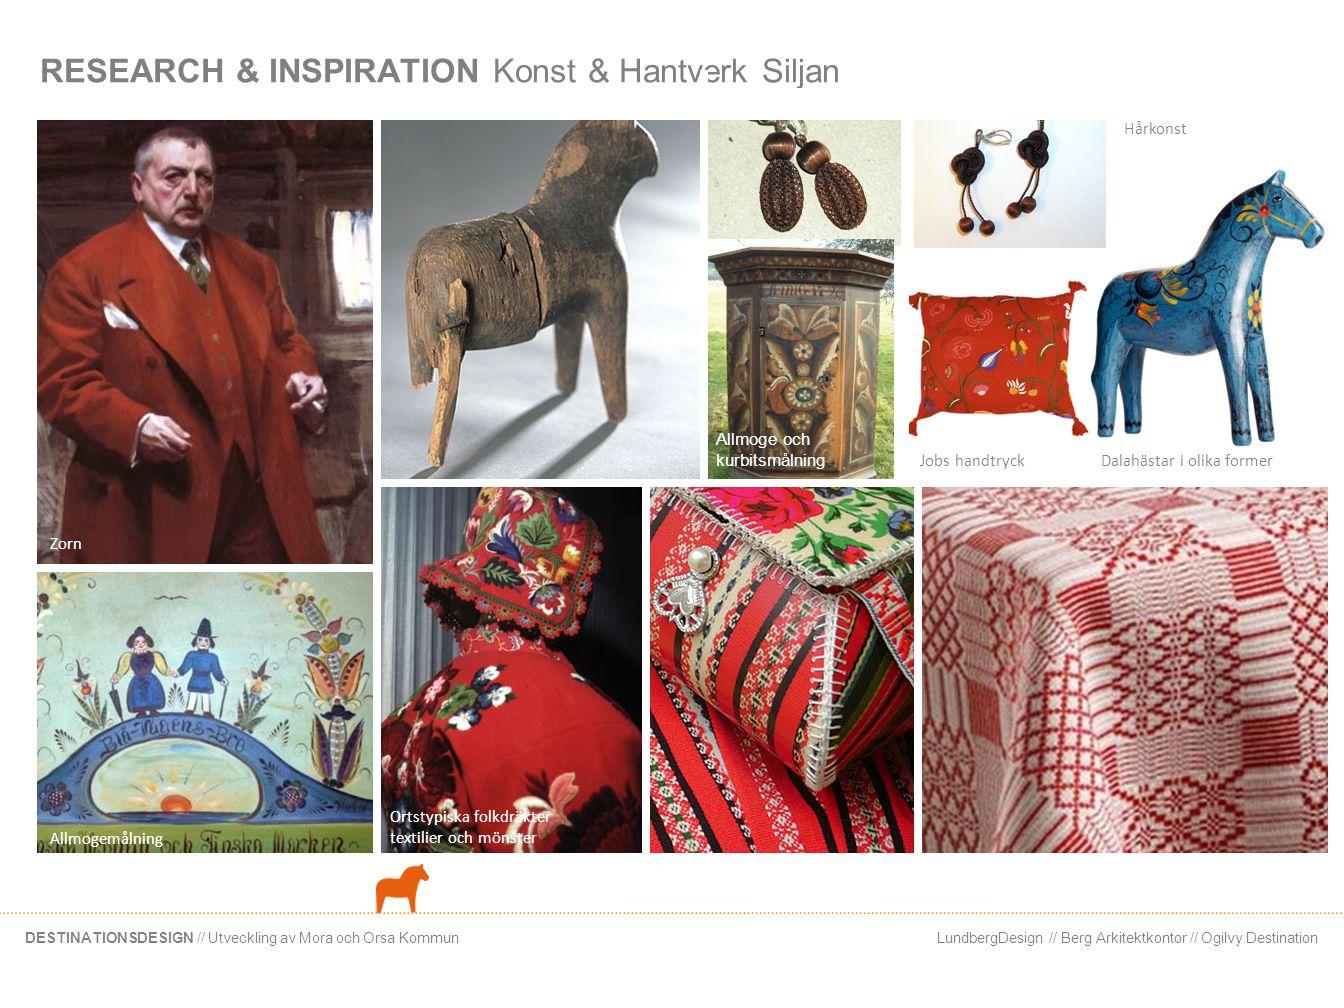 LundbergDesign // Berg Arkitektkontor // Ogilvy DestinationDESTINATIONSDESIGN // Utveckling av Mora och Orsa Kommun RESEARCH & INSPIRATION Konst & Han